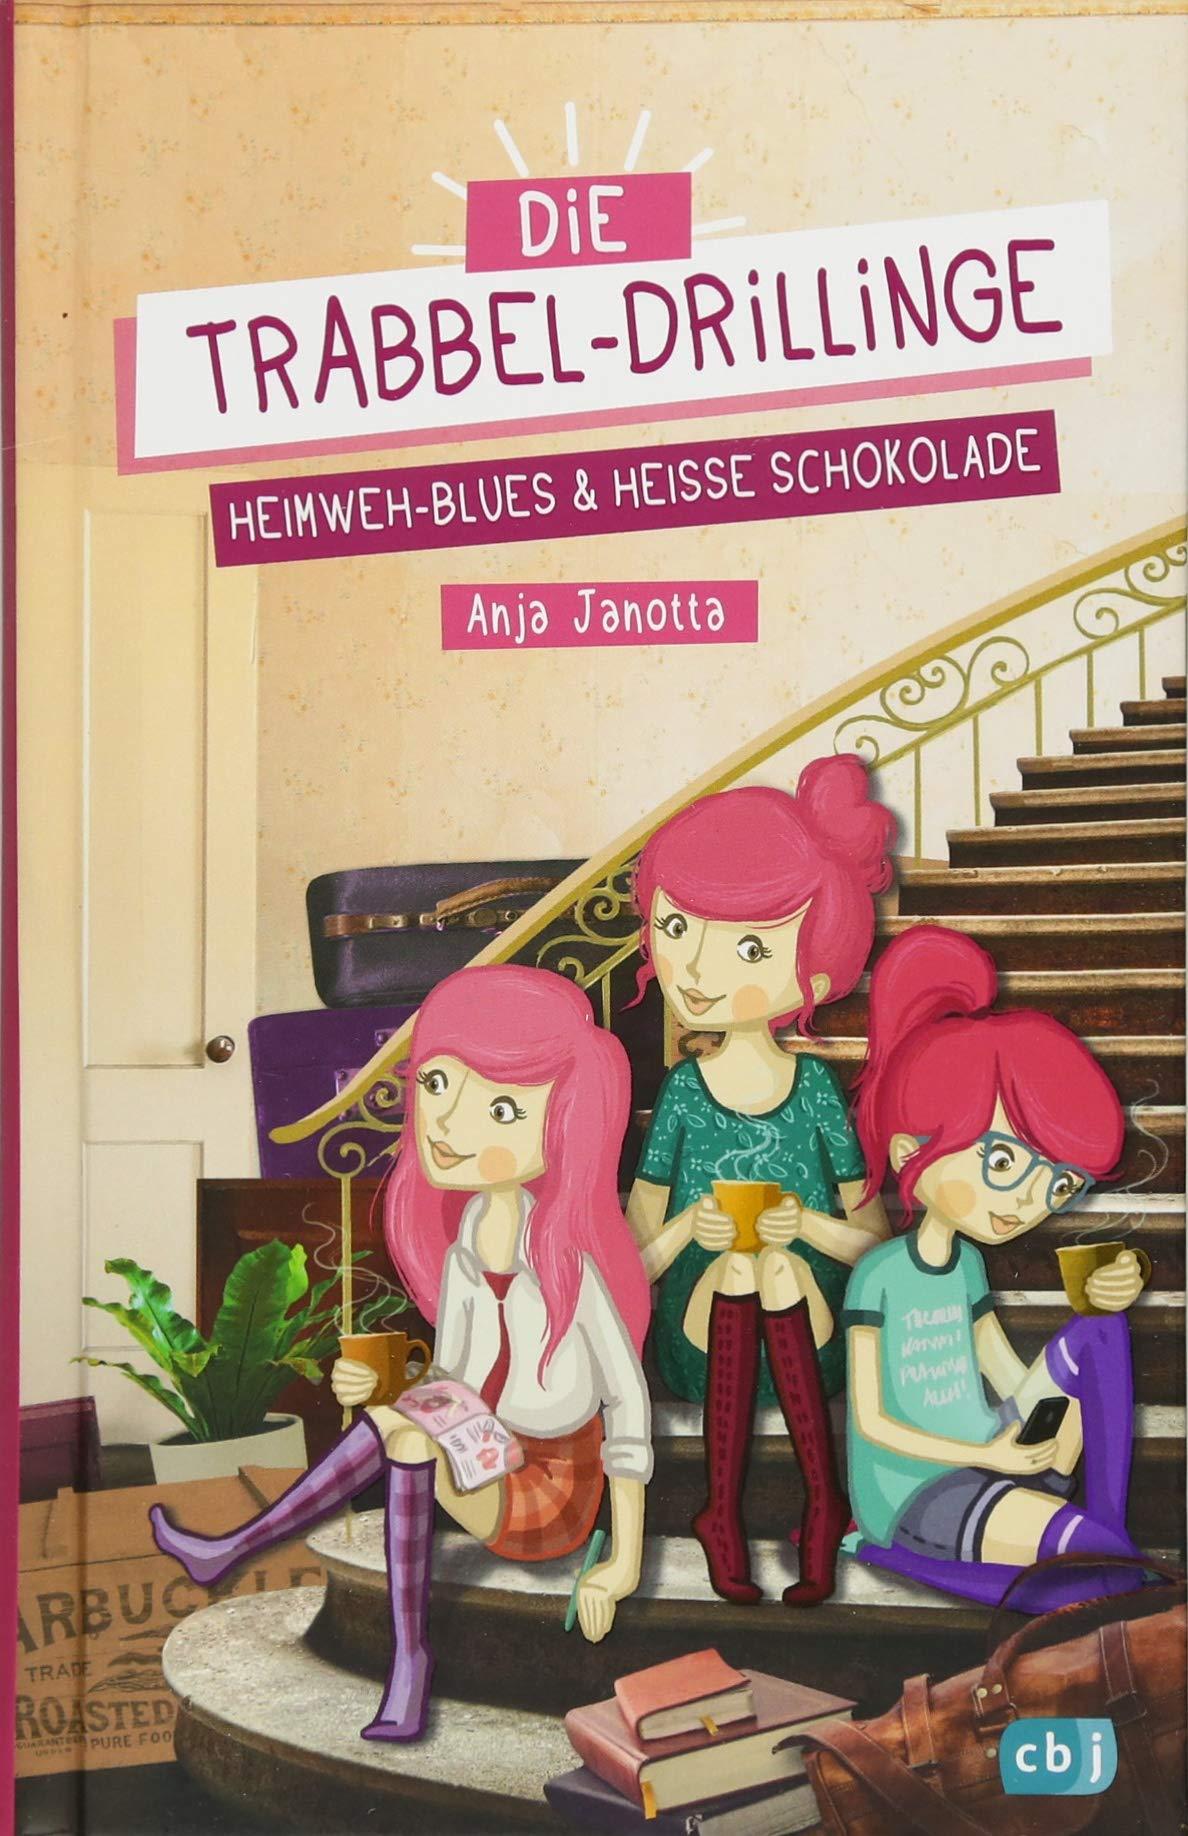 Die Trabbel-Drillinge - Heimweh-Blues und heiße Schokolade (Die Trabbel-Drillinge-Reihe, Band 1)